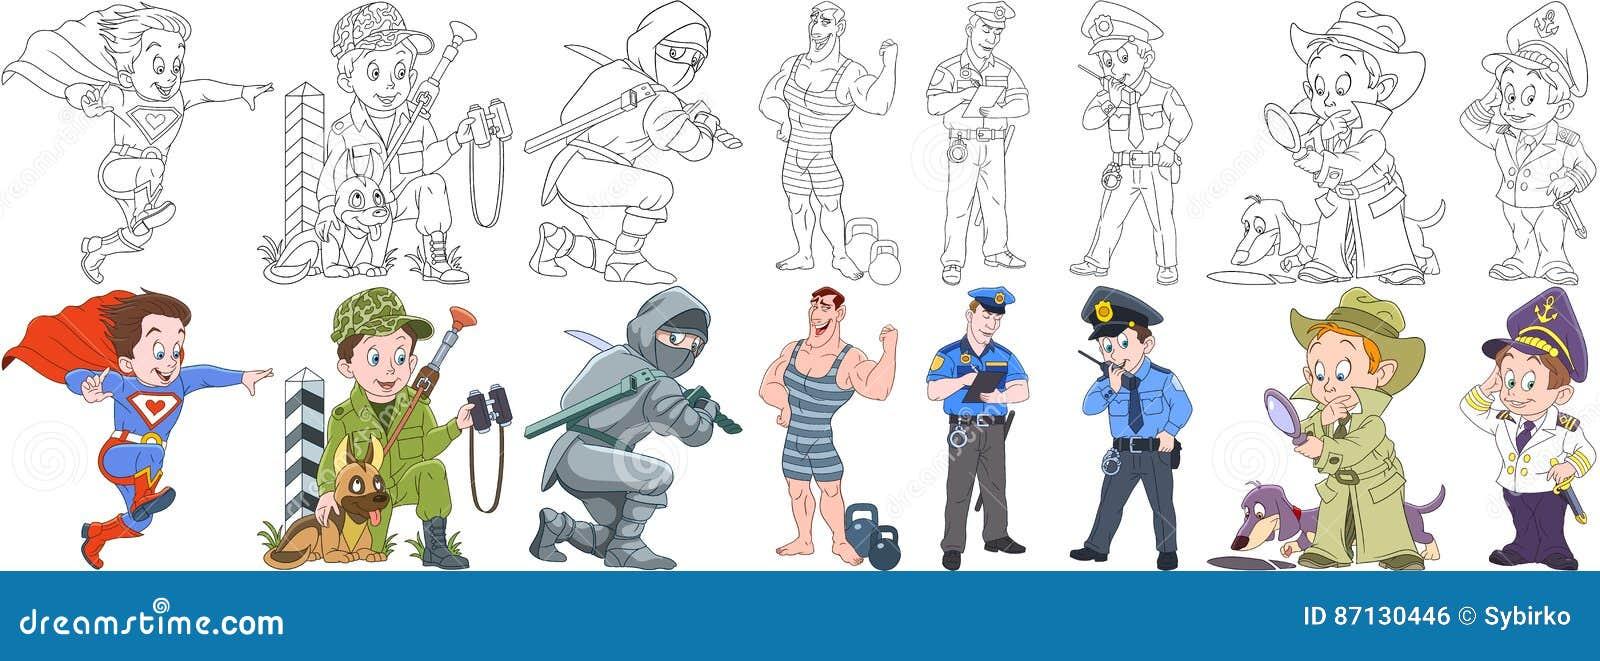 Coloriage Chien Militaire.Professions Militaires De Bande Dessinee Reglees Illustration De